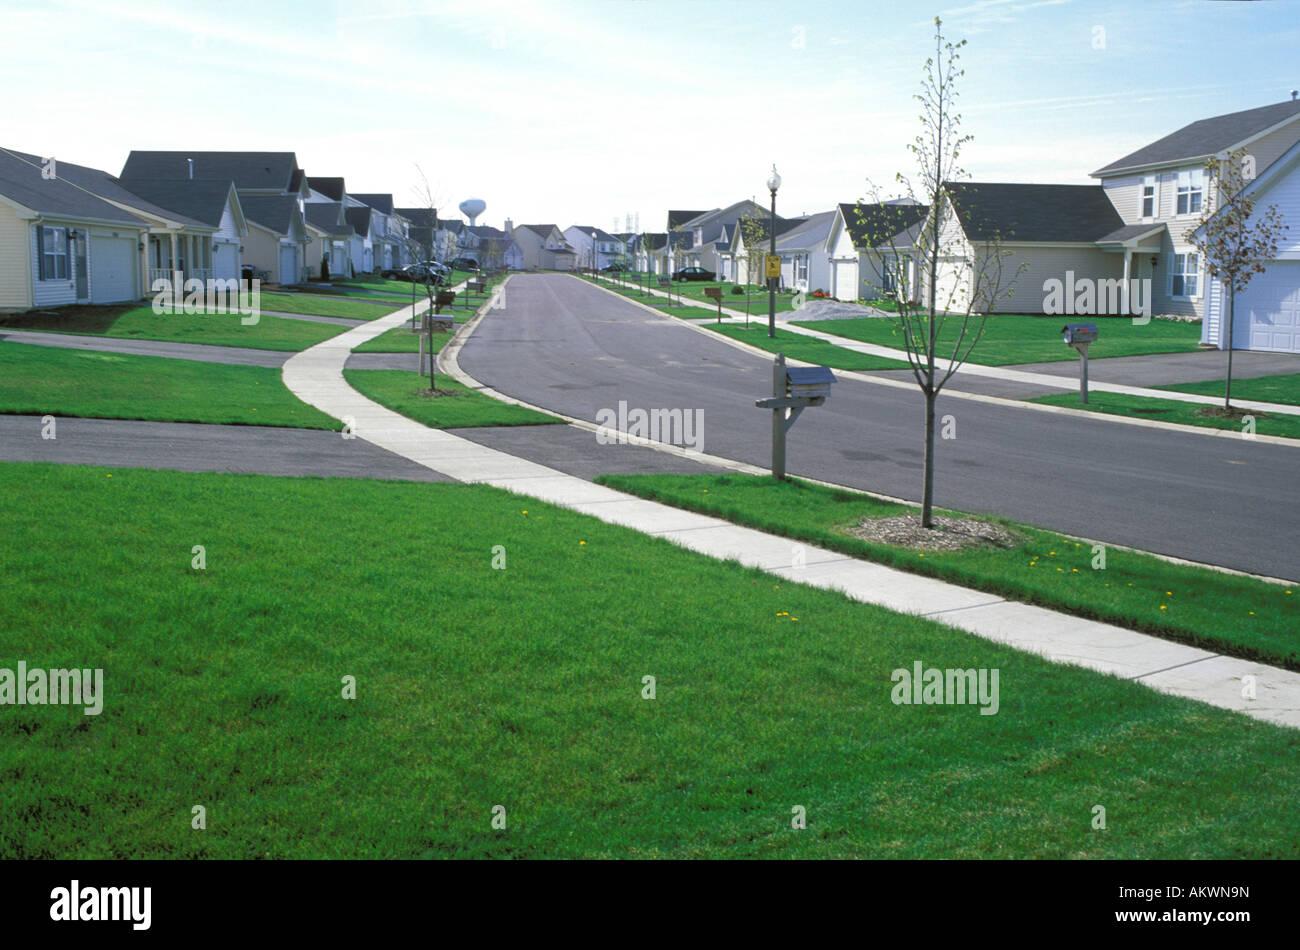 Suburban neighborhood - Stock Image